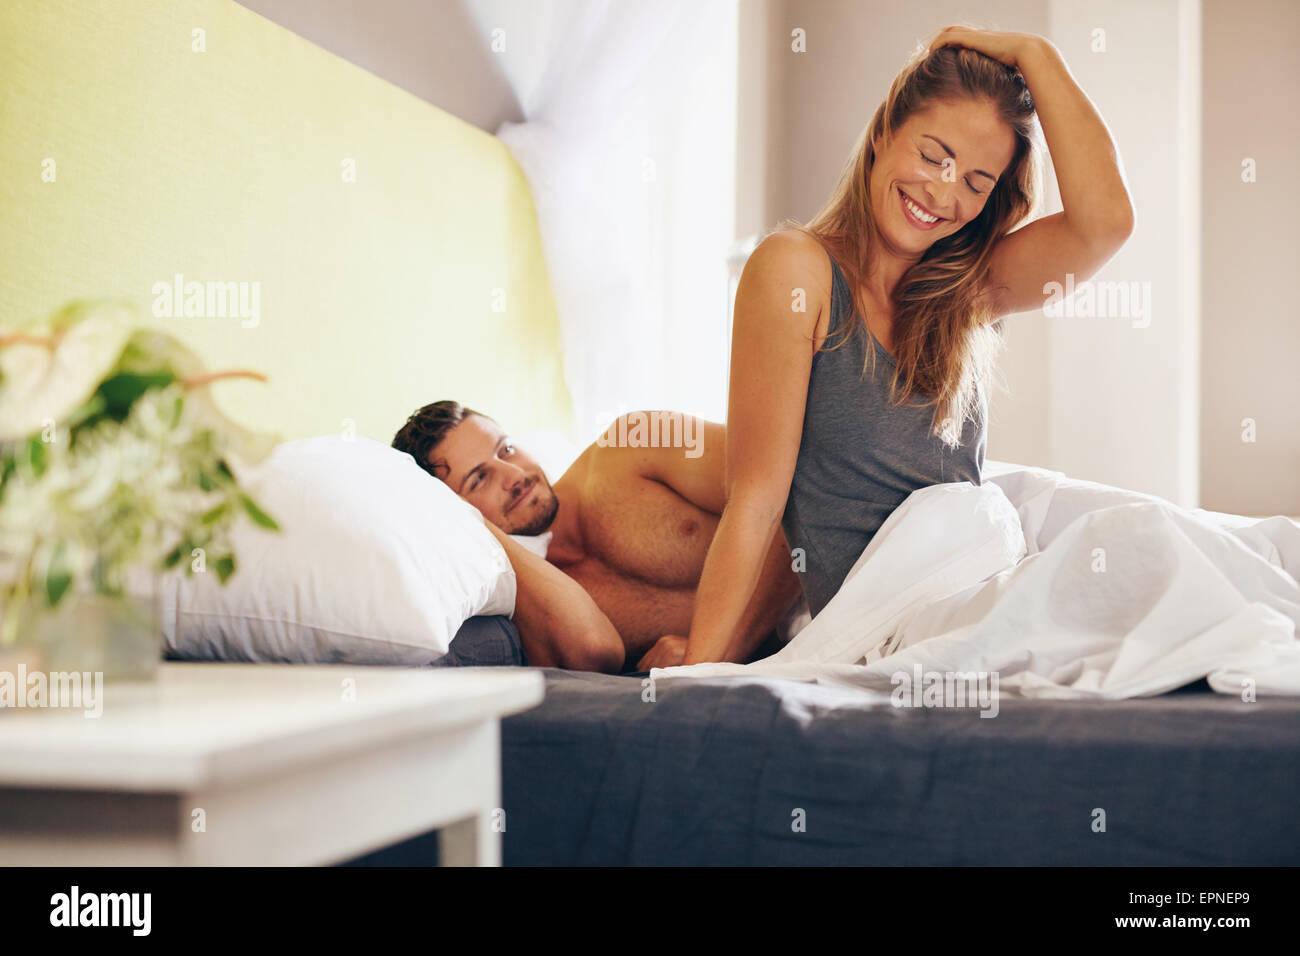 Feliz pareja joven de despertarse en la mañana en la cama. Joven Hombre y mujer sonriendo, sintiéndose Imagen De Stock